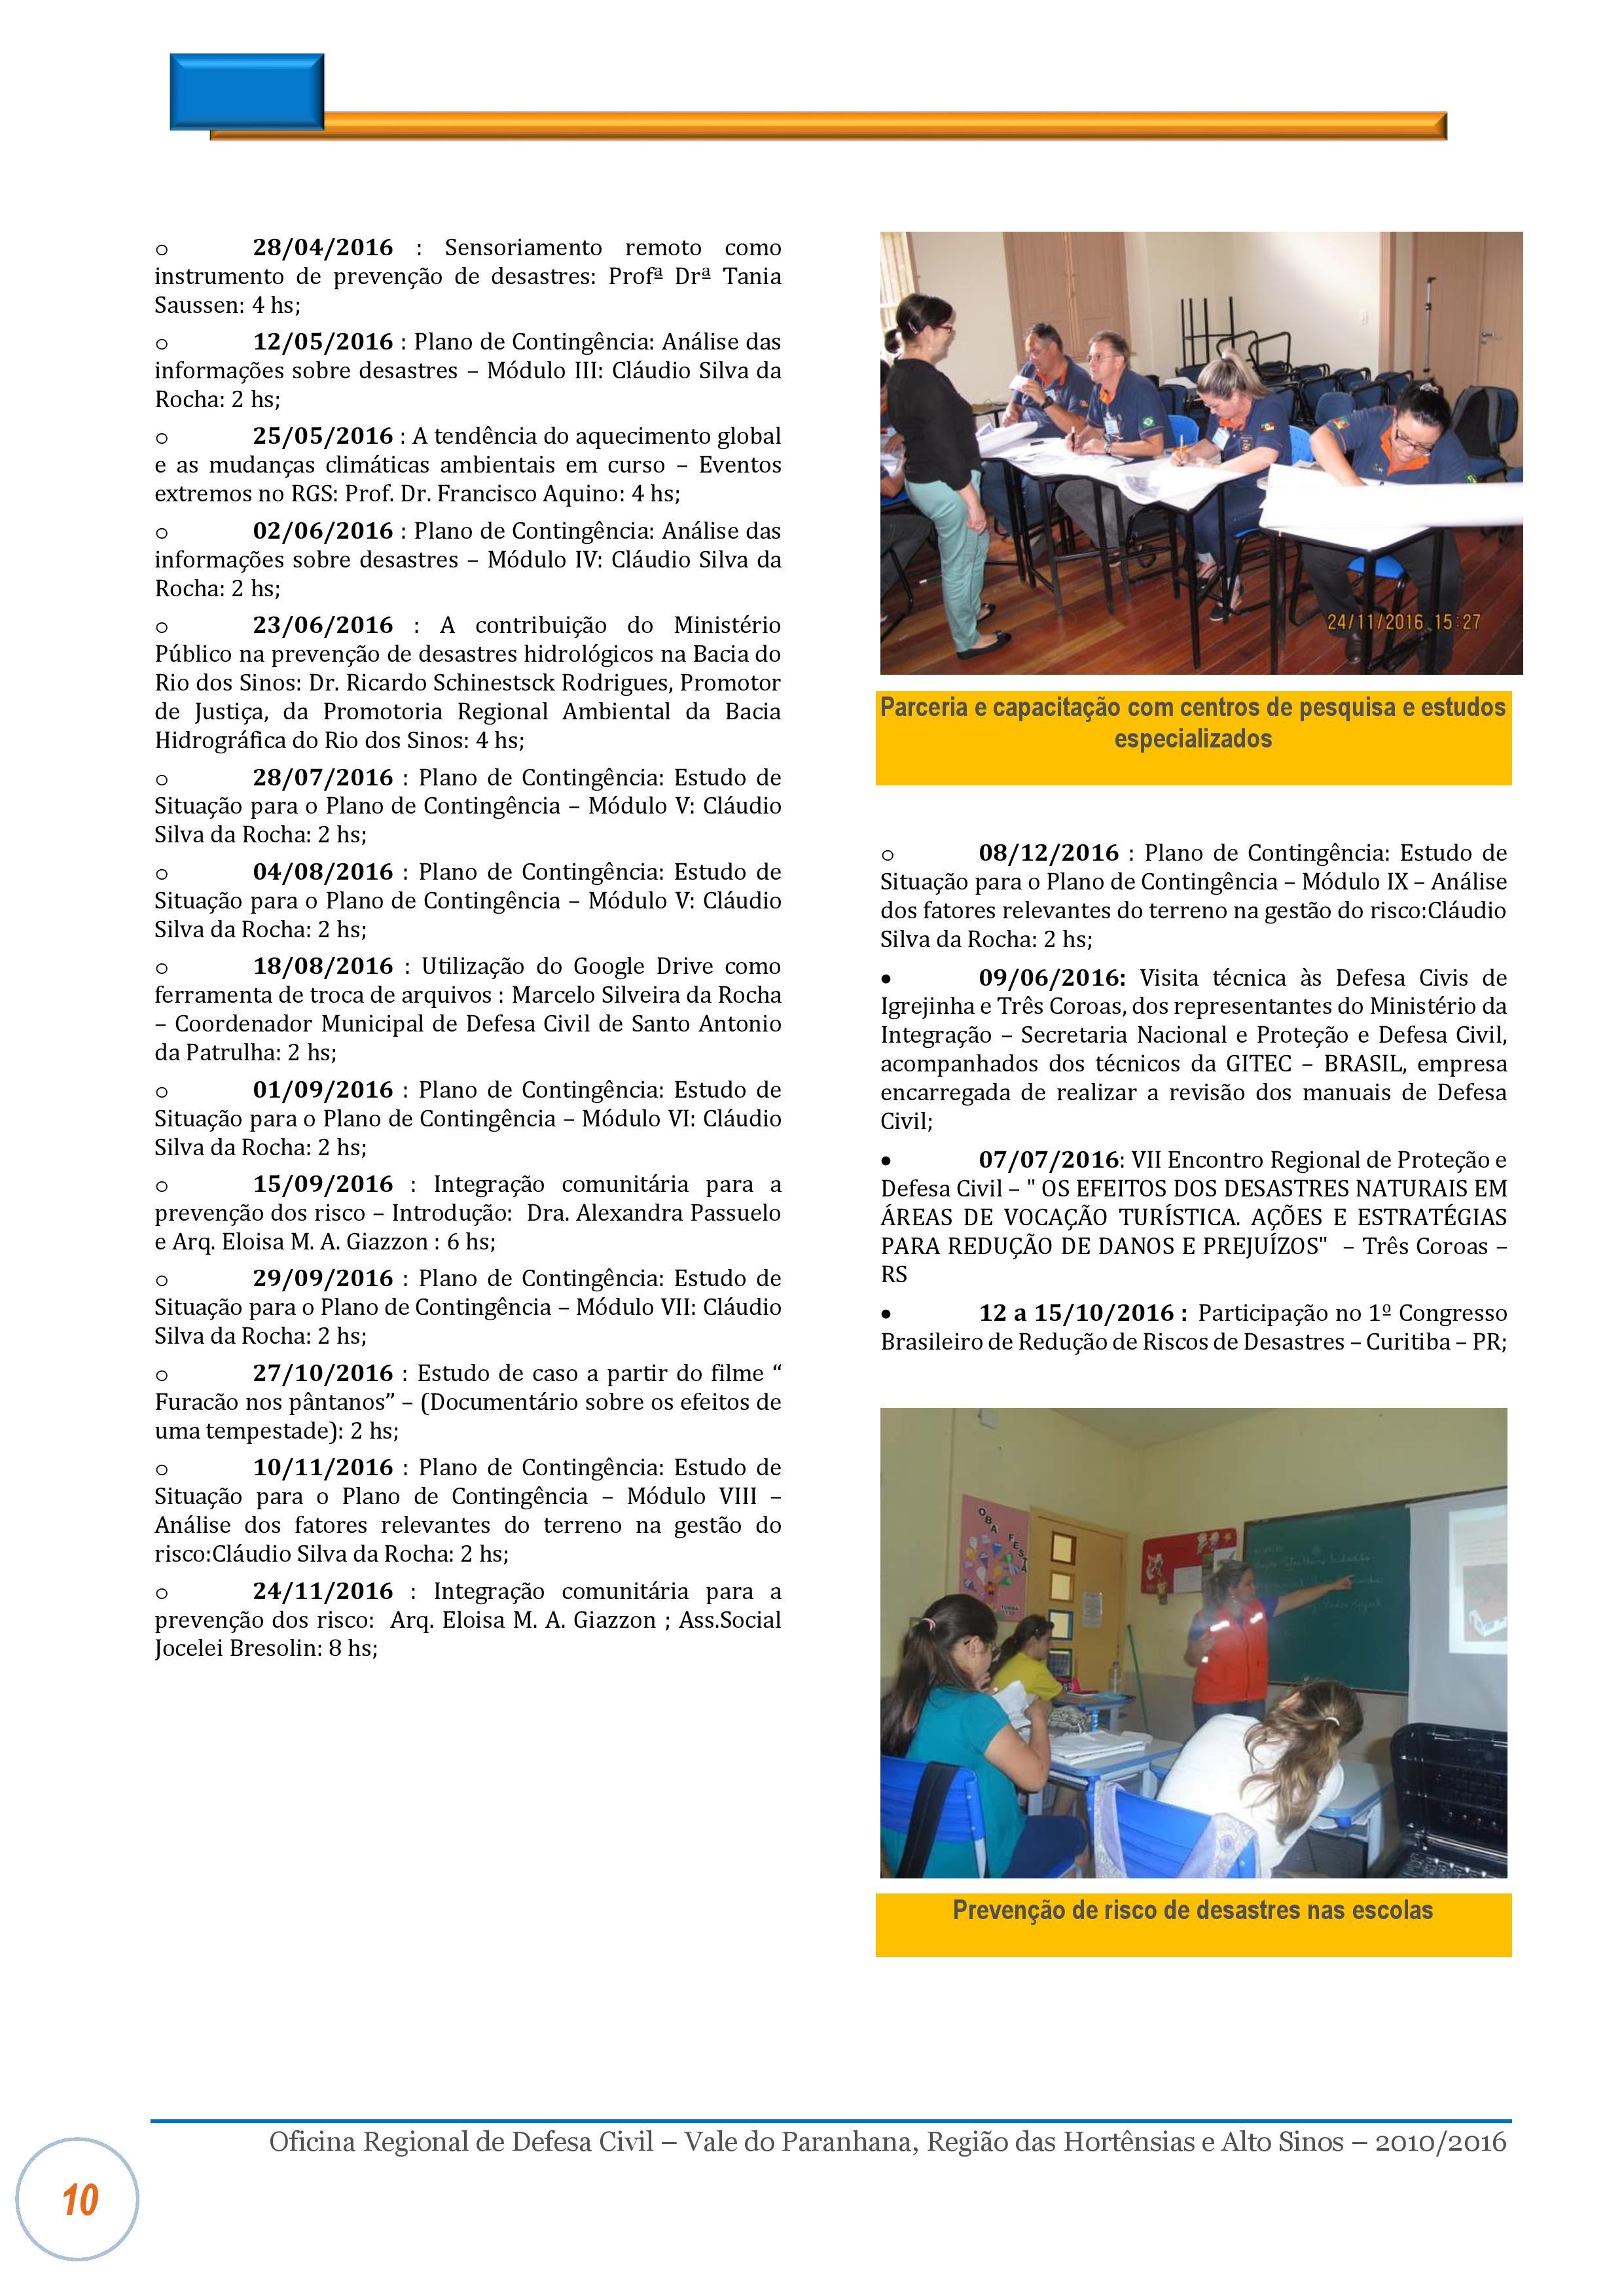 L_Histórico_ORPDC_Dez_2016 _final_2-page-010